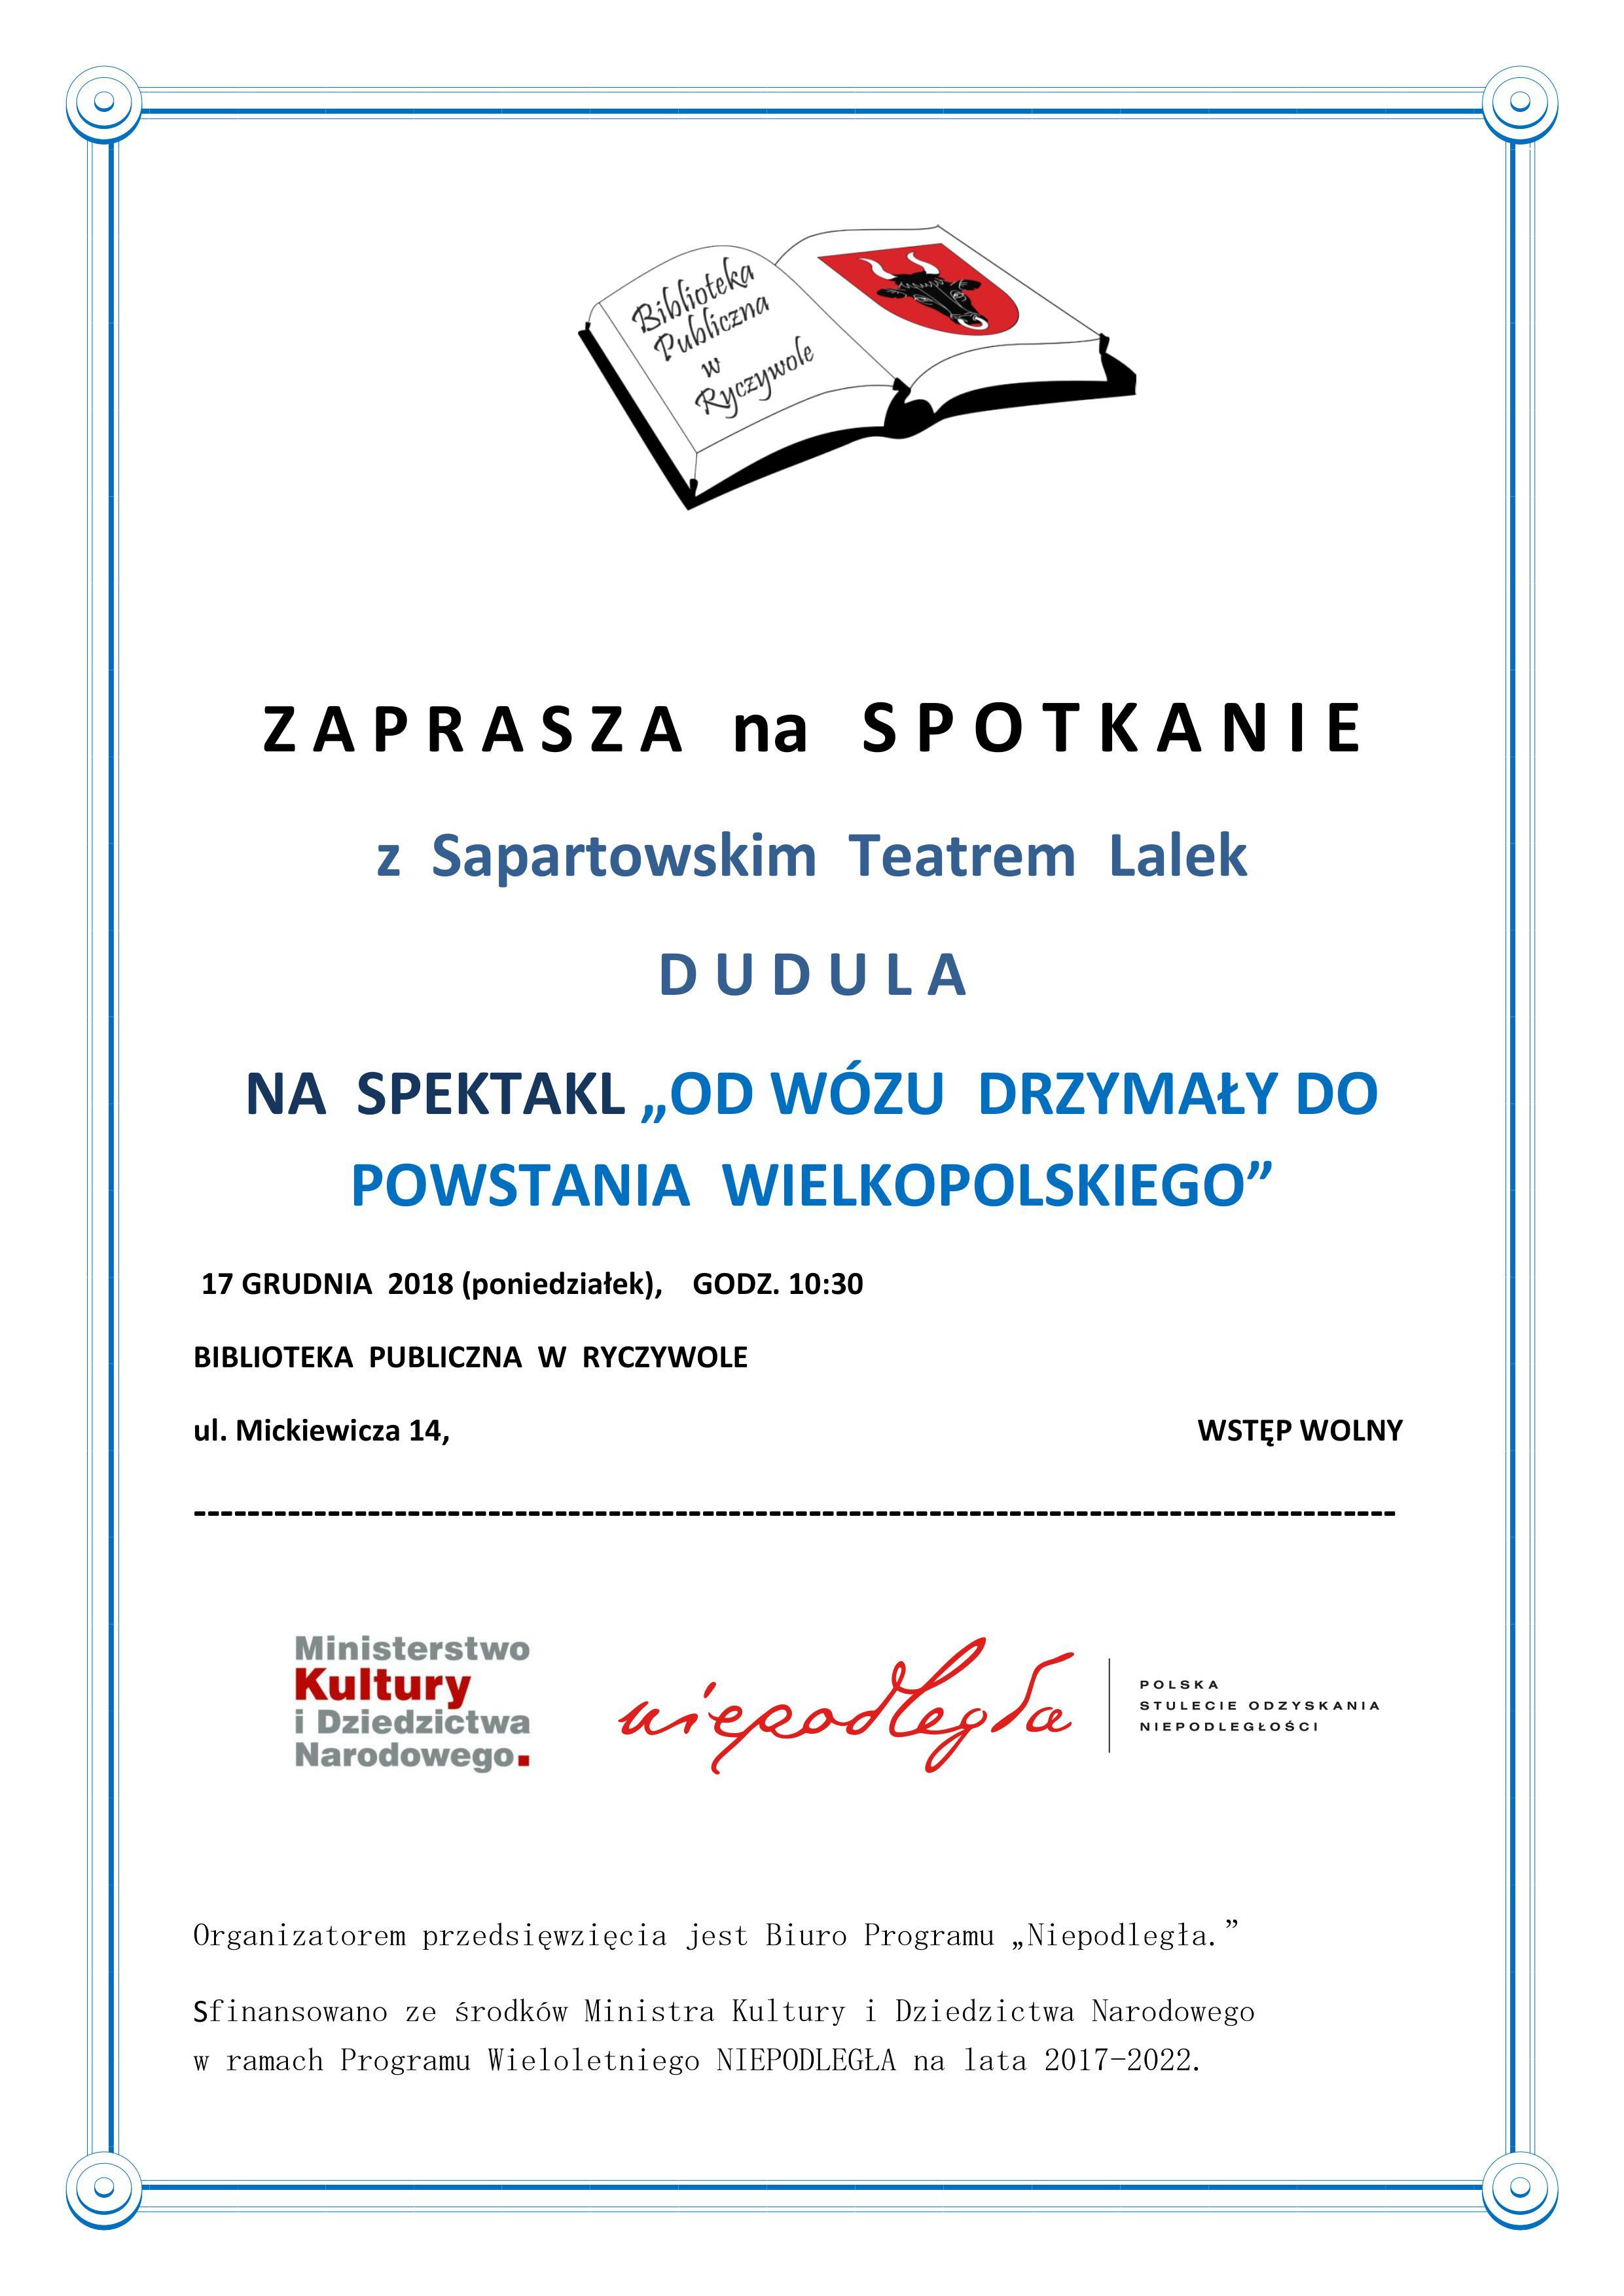 Logo biblioteki Biblioteki Publicznej w Ryczywole zapraszając na spotkanie z Sapartowskim Teatrem Lalek DUDULA na spektakl :